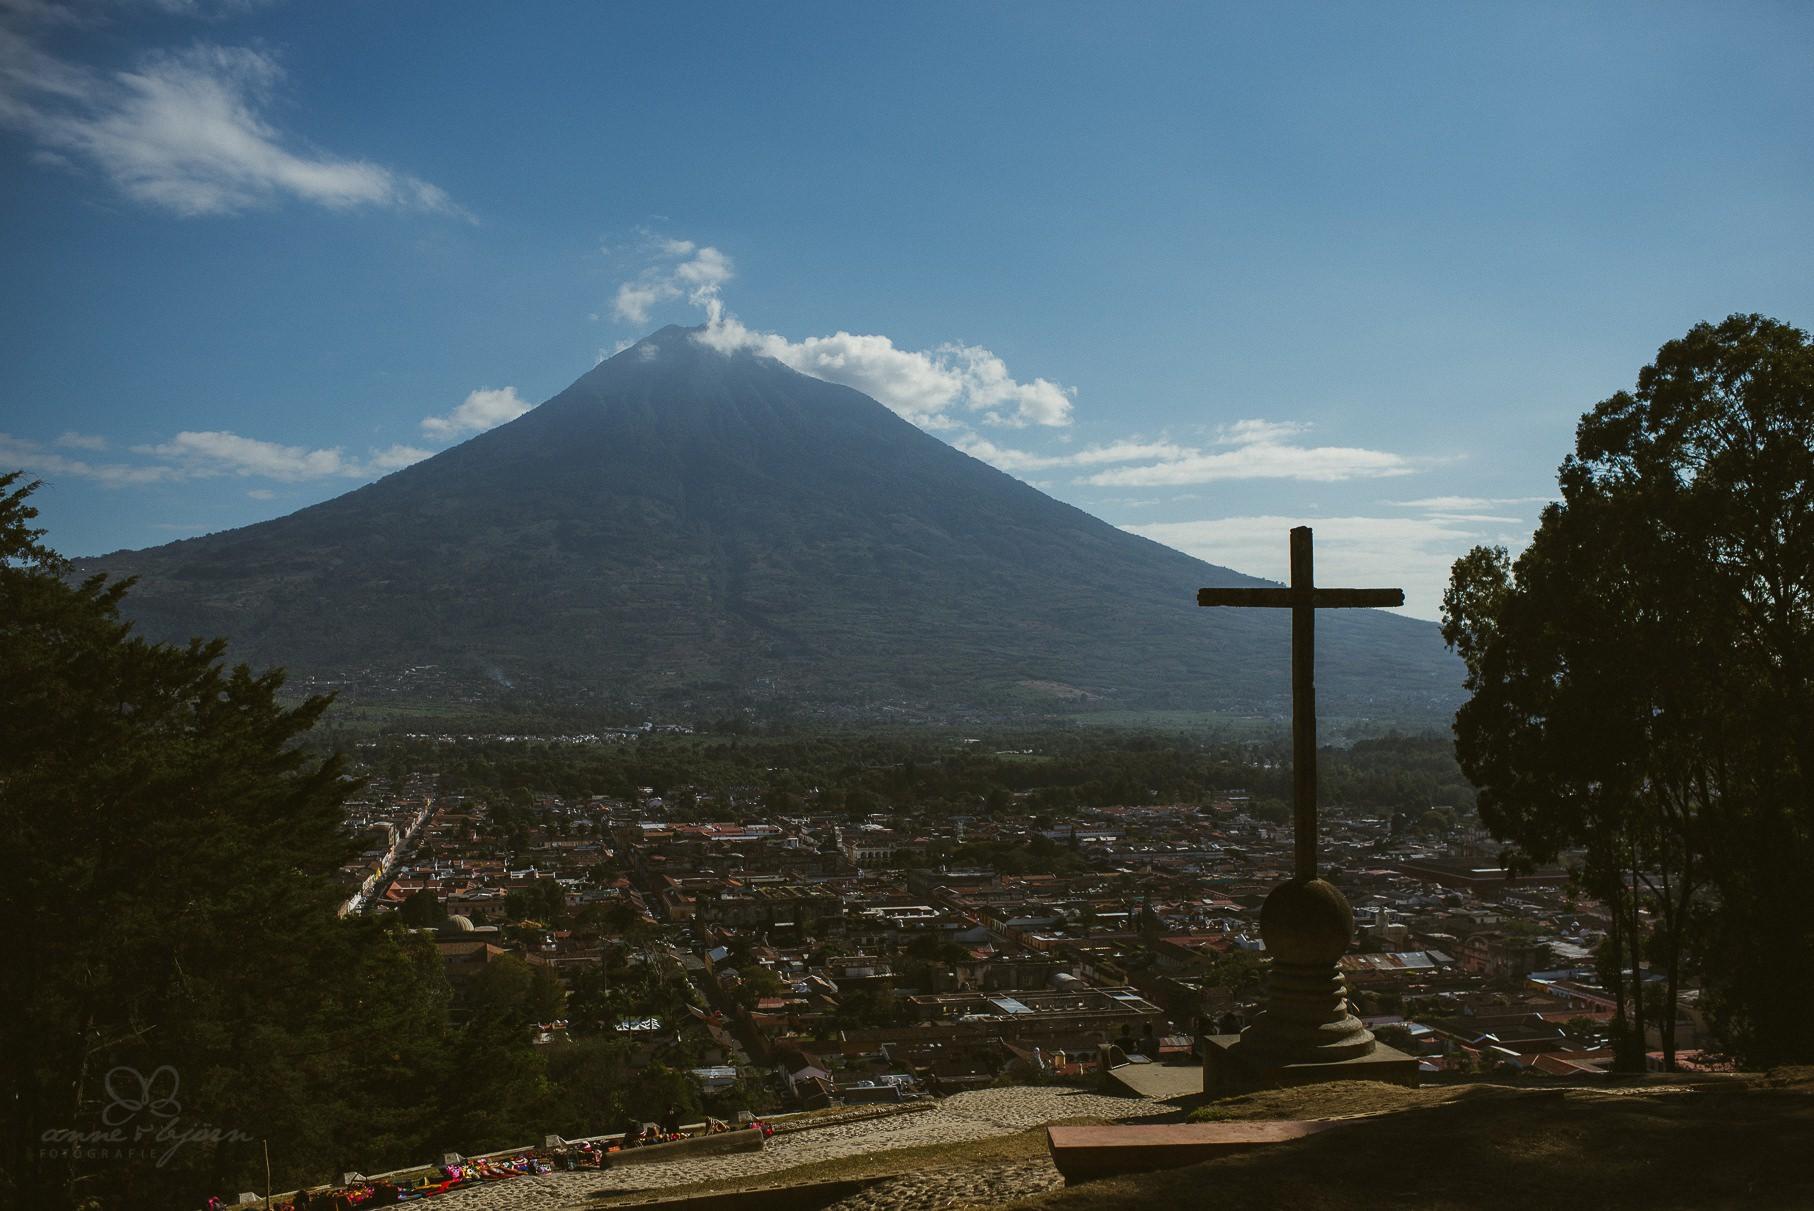 0031 anne und bjoern guatemala d75 1136 - 4 Wochen durch Guatemala - backpacking durch Mittelamerika